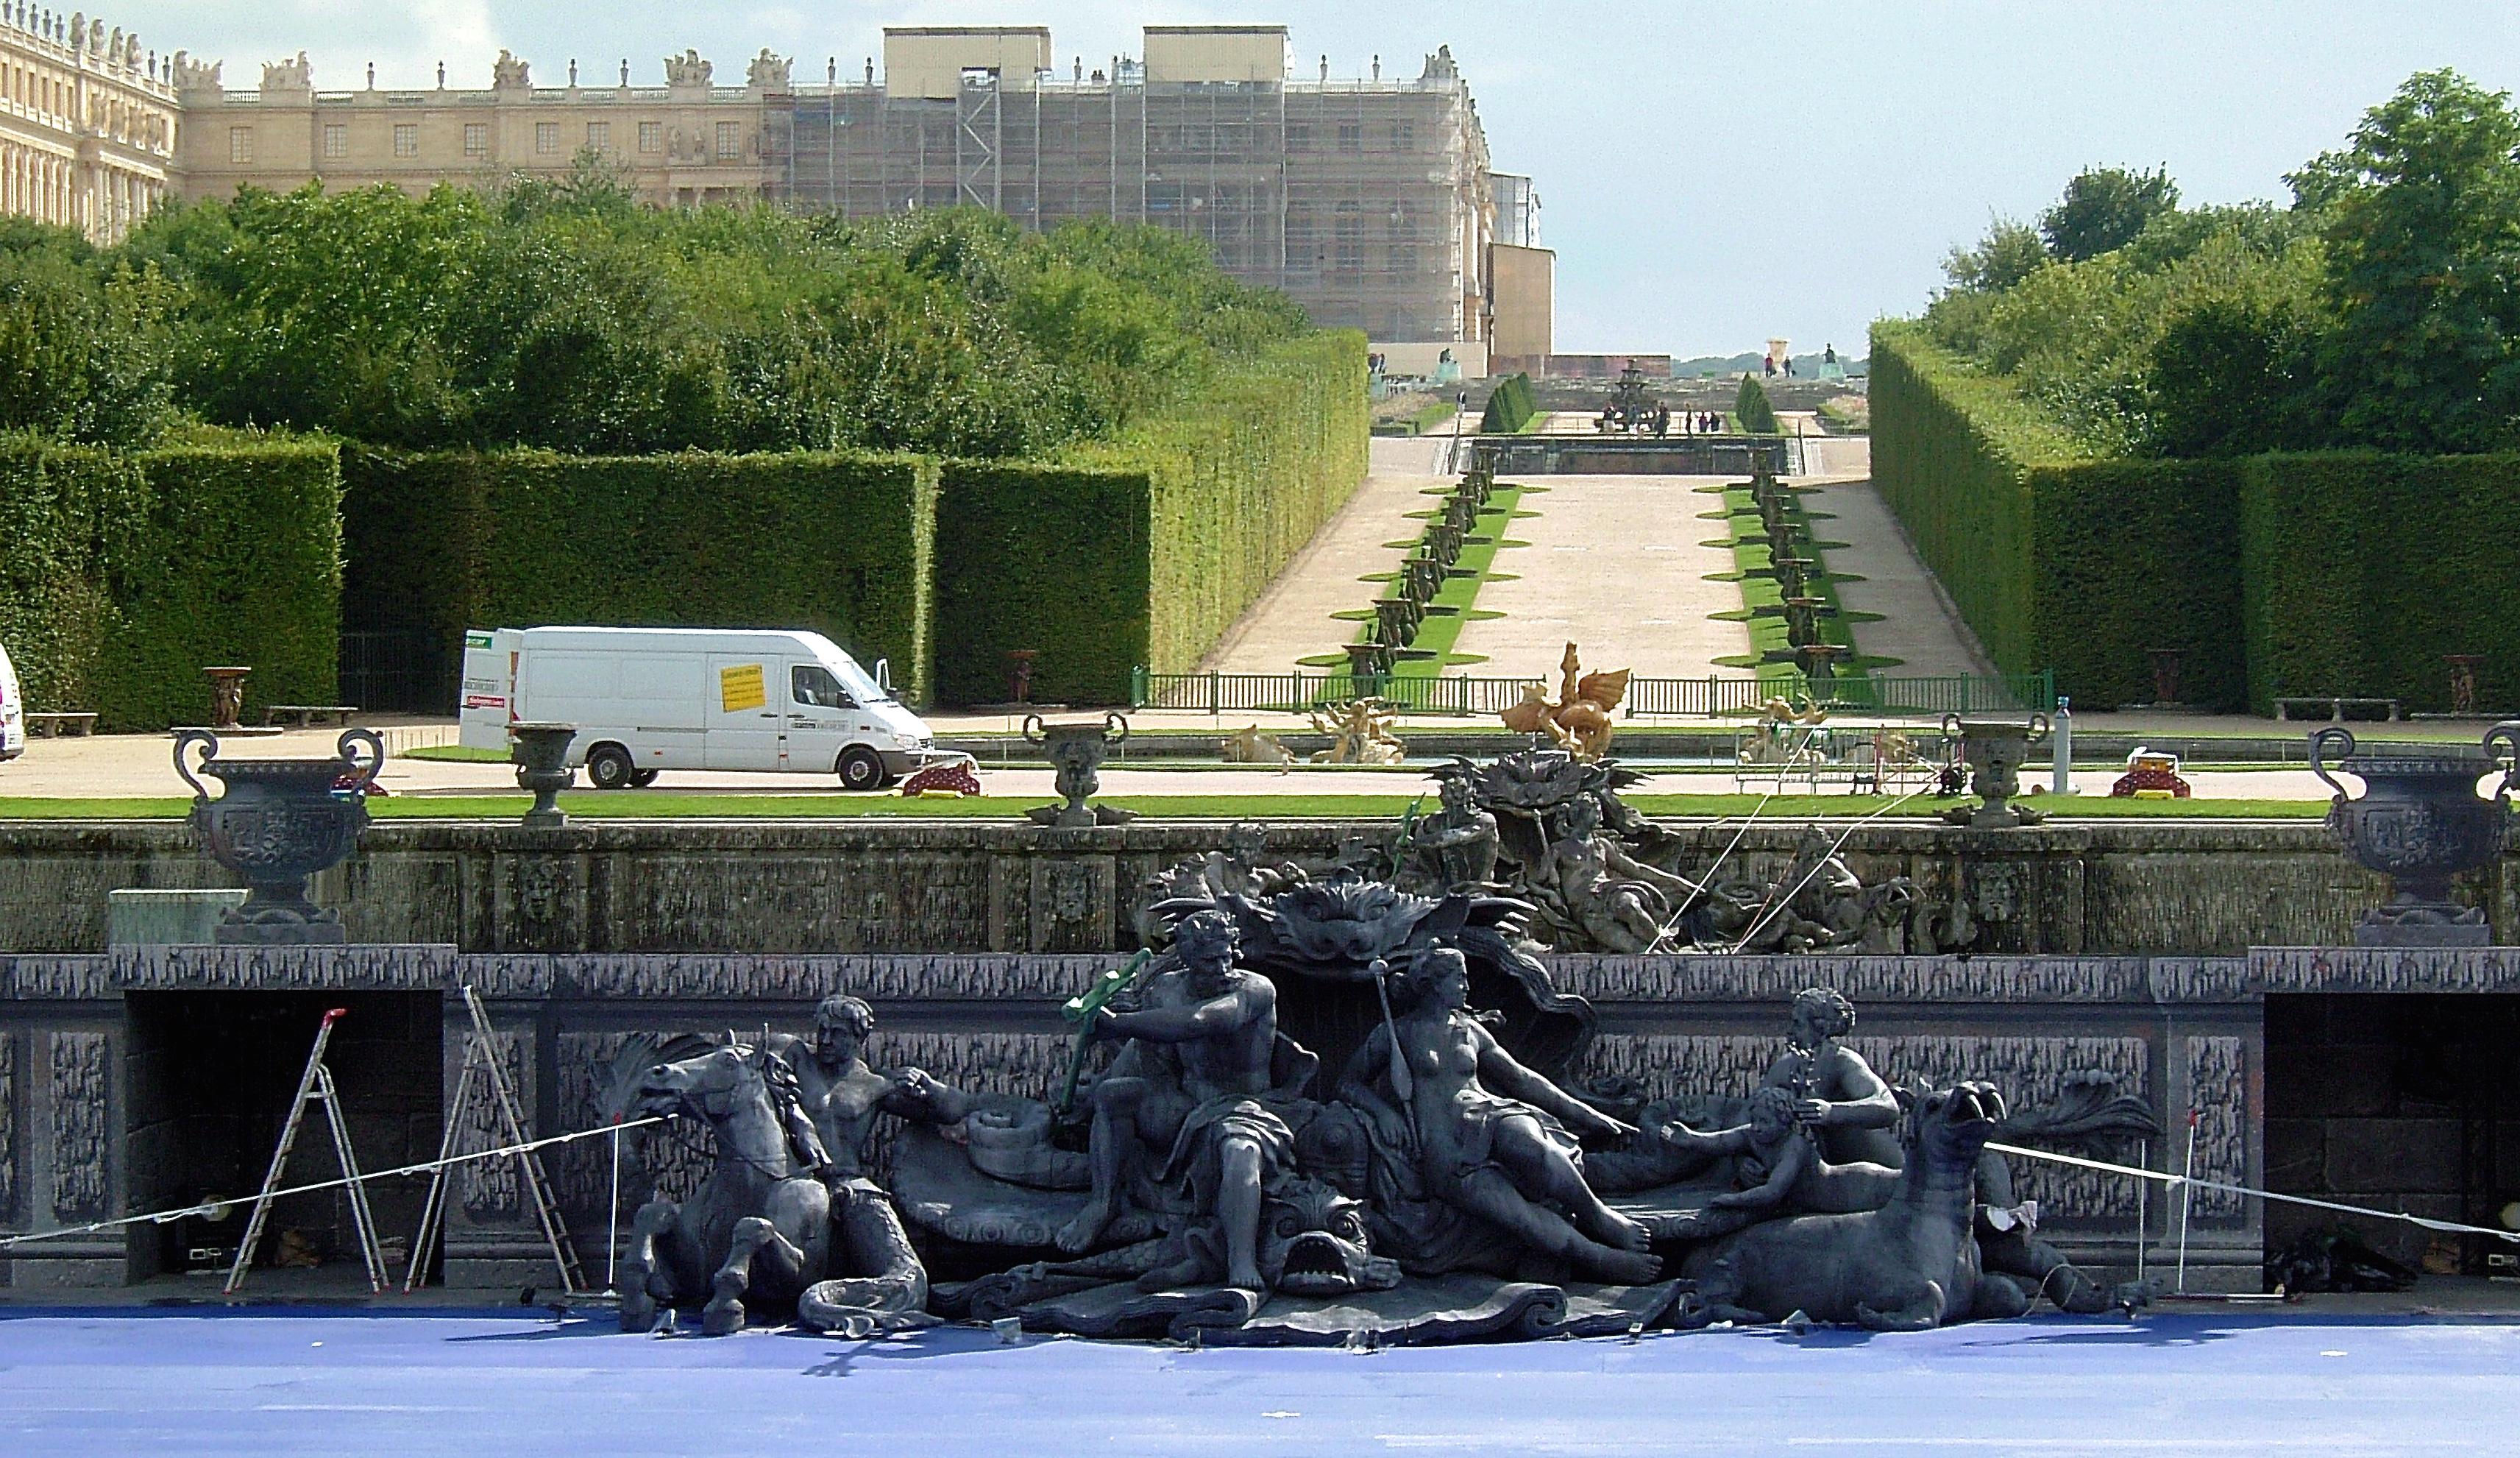 """Spectacle """"Les Noces de l'enfant Roi"""" Alfredo Arias / Roberto Platé - Sculpture/Reproduction du Bassin de Neptune - Château de Versailles 2006"""